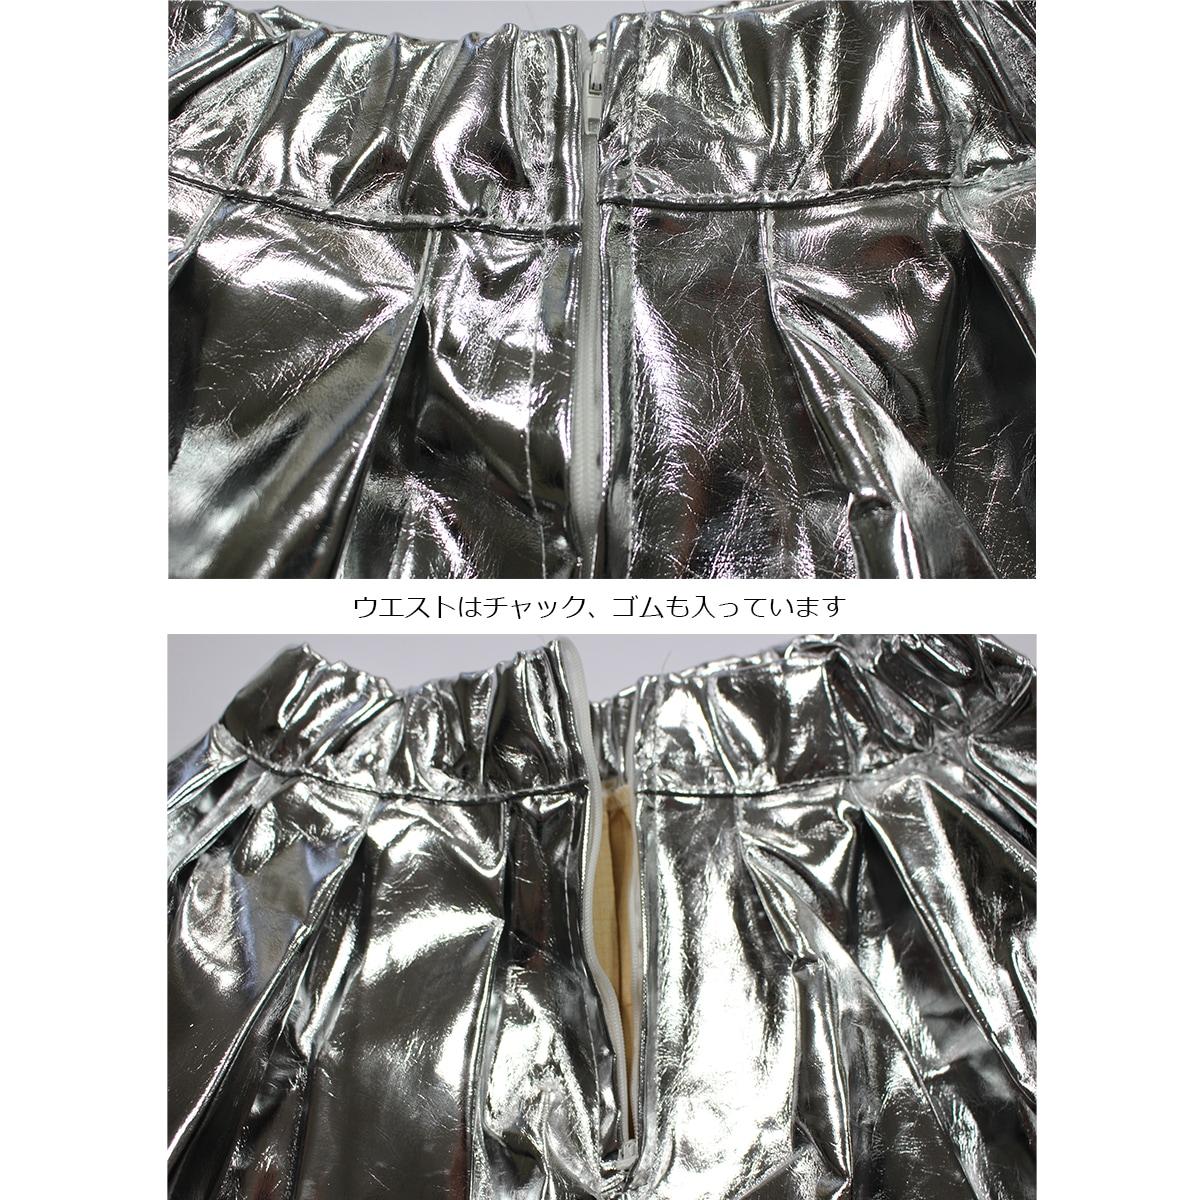 キッズダンス衣装のキラキラスパンコールセットアップ(紫×シルバー) スカートチャック